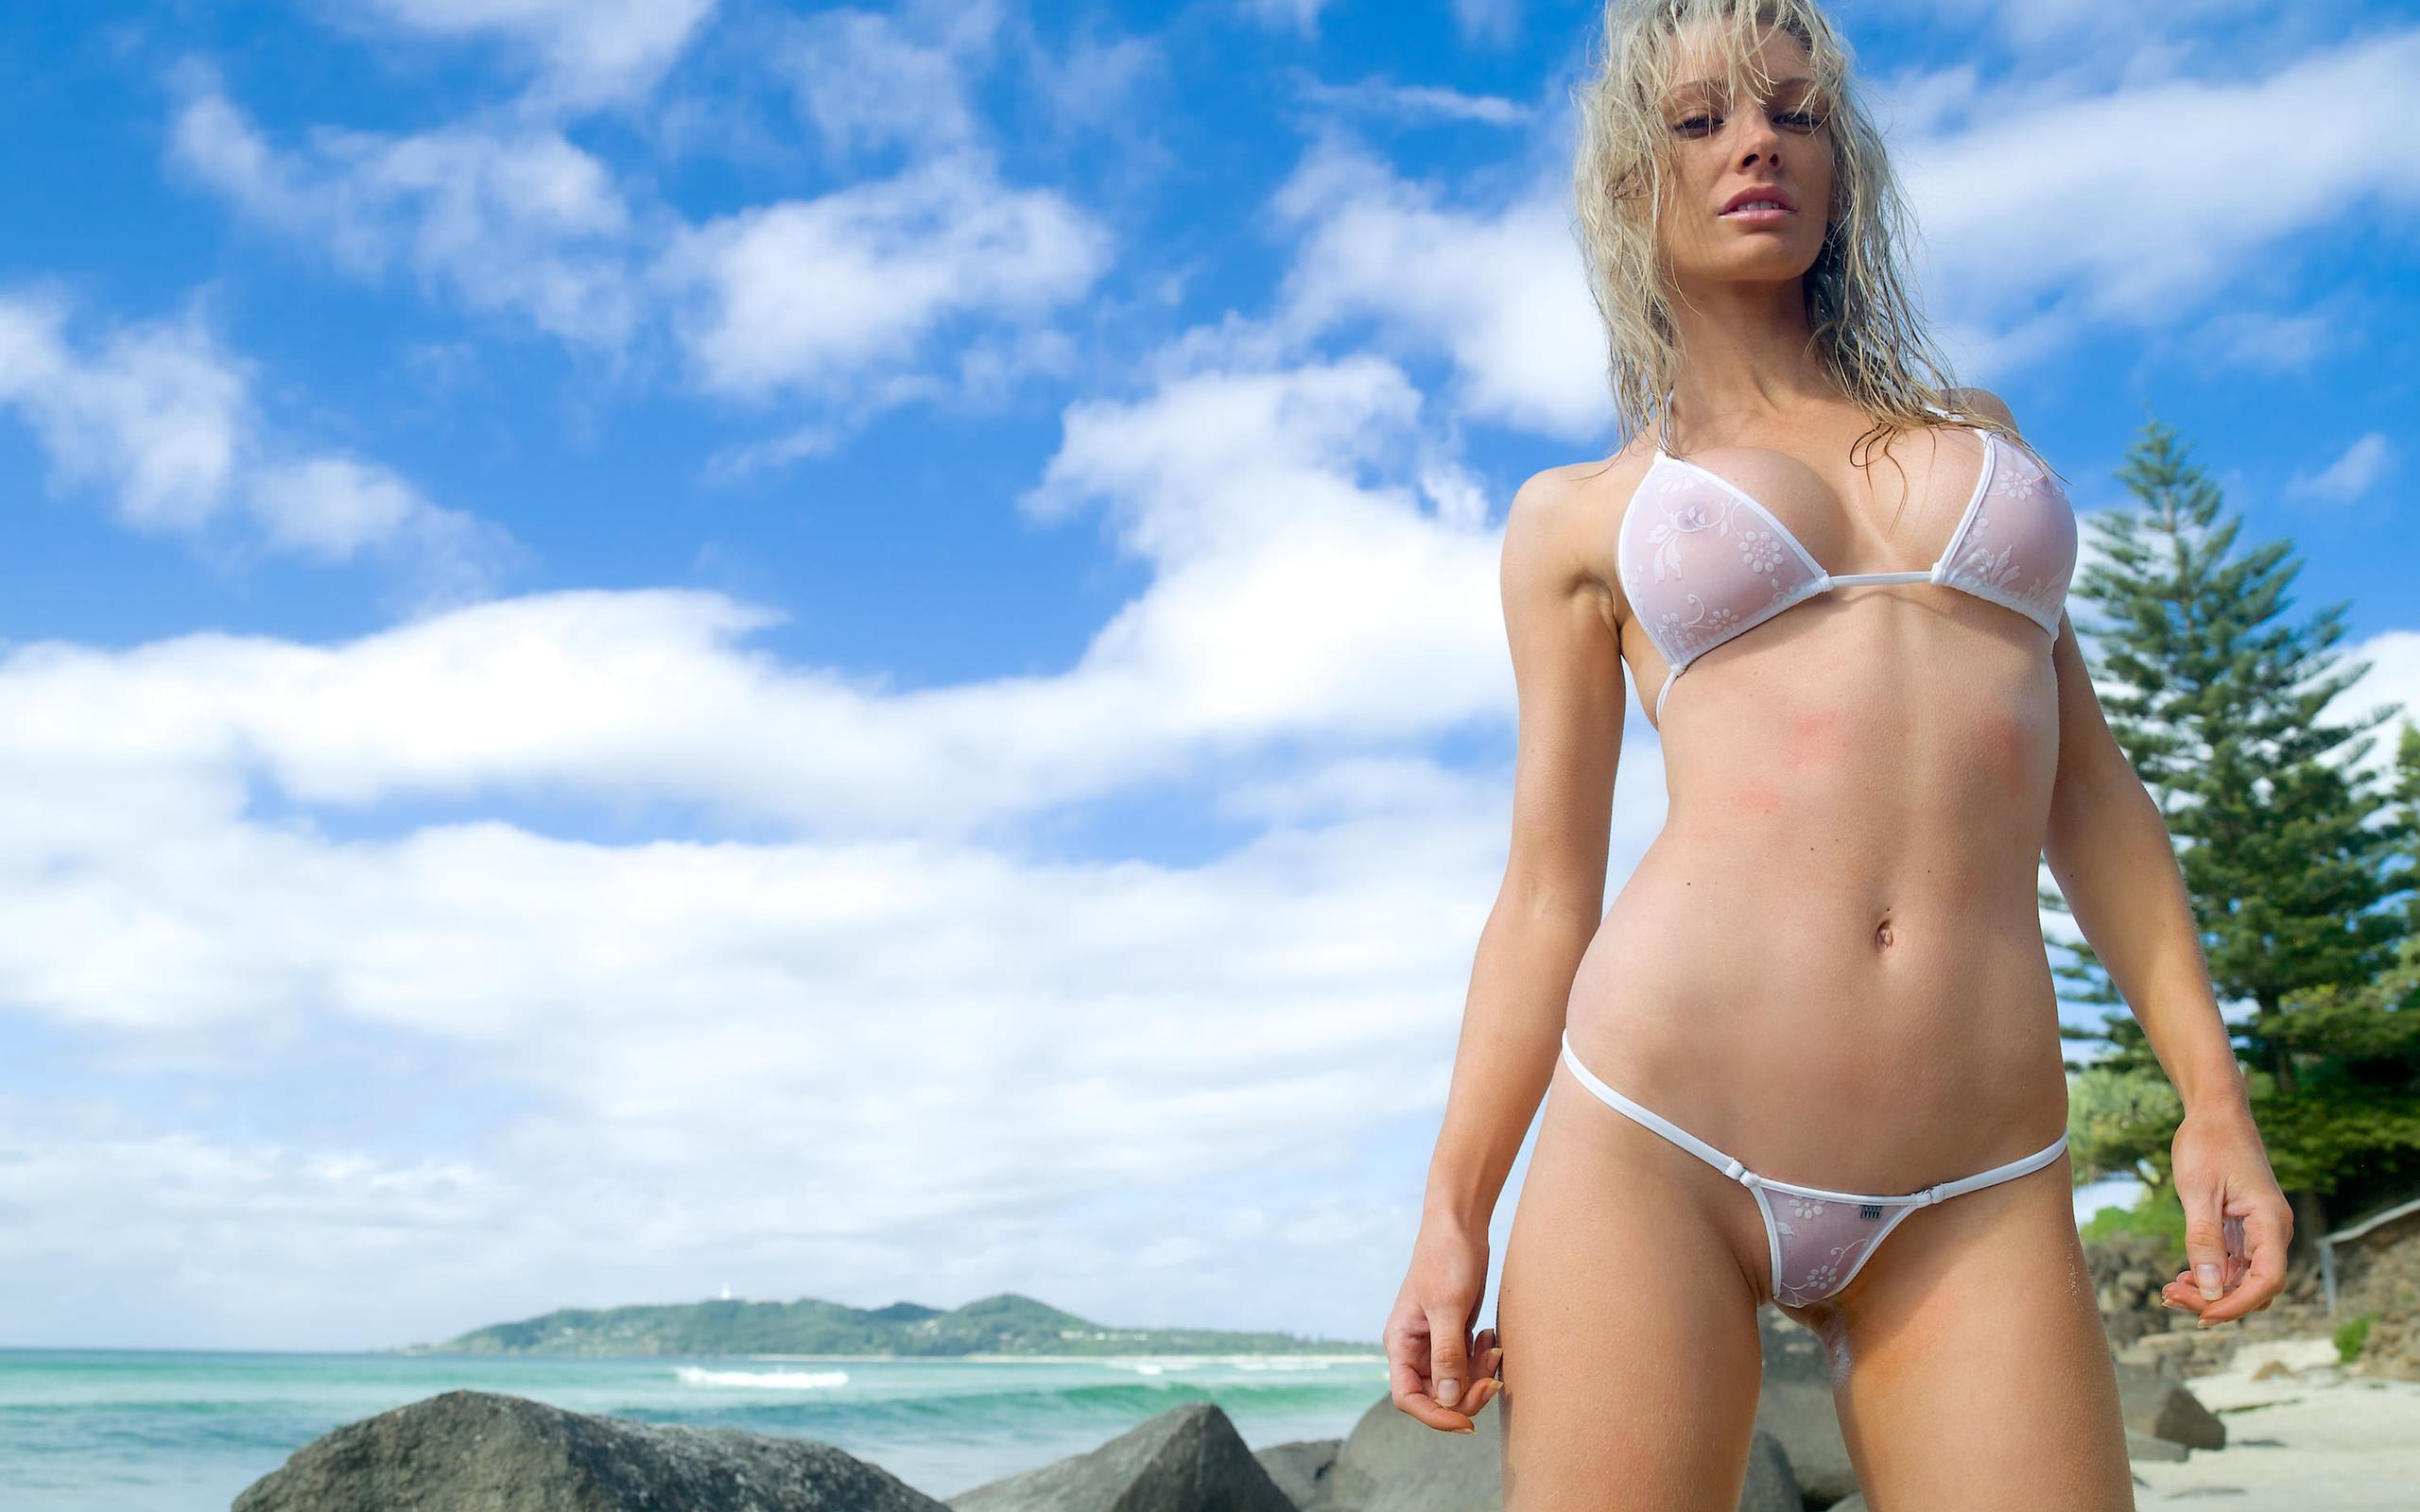 фото русских девушек на пляже без купальников стоял перед